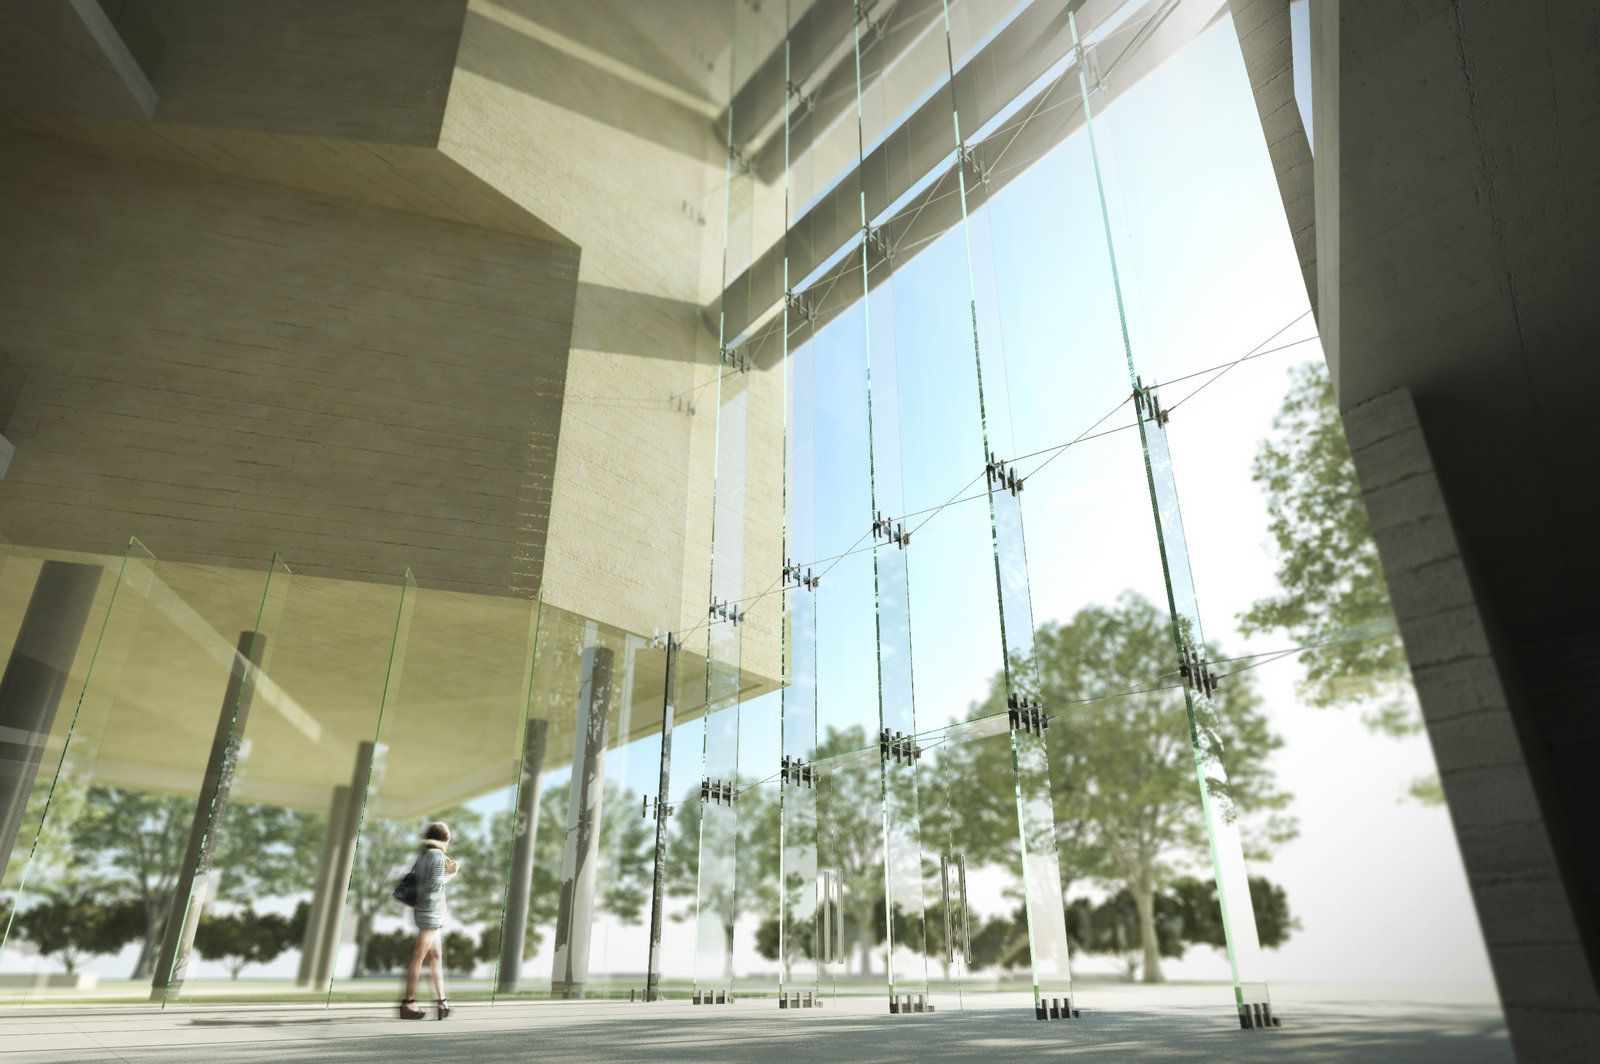 MTT_3D_CAIX_13_C2.jpg Museu do Trabalho e do Trabalhador. São Bernardo do Campo, SP, Brasil. Projeto: Escritório 'Brasil Arquitetura'.